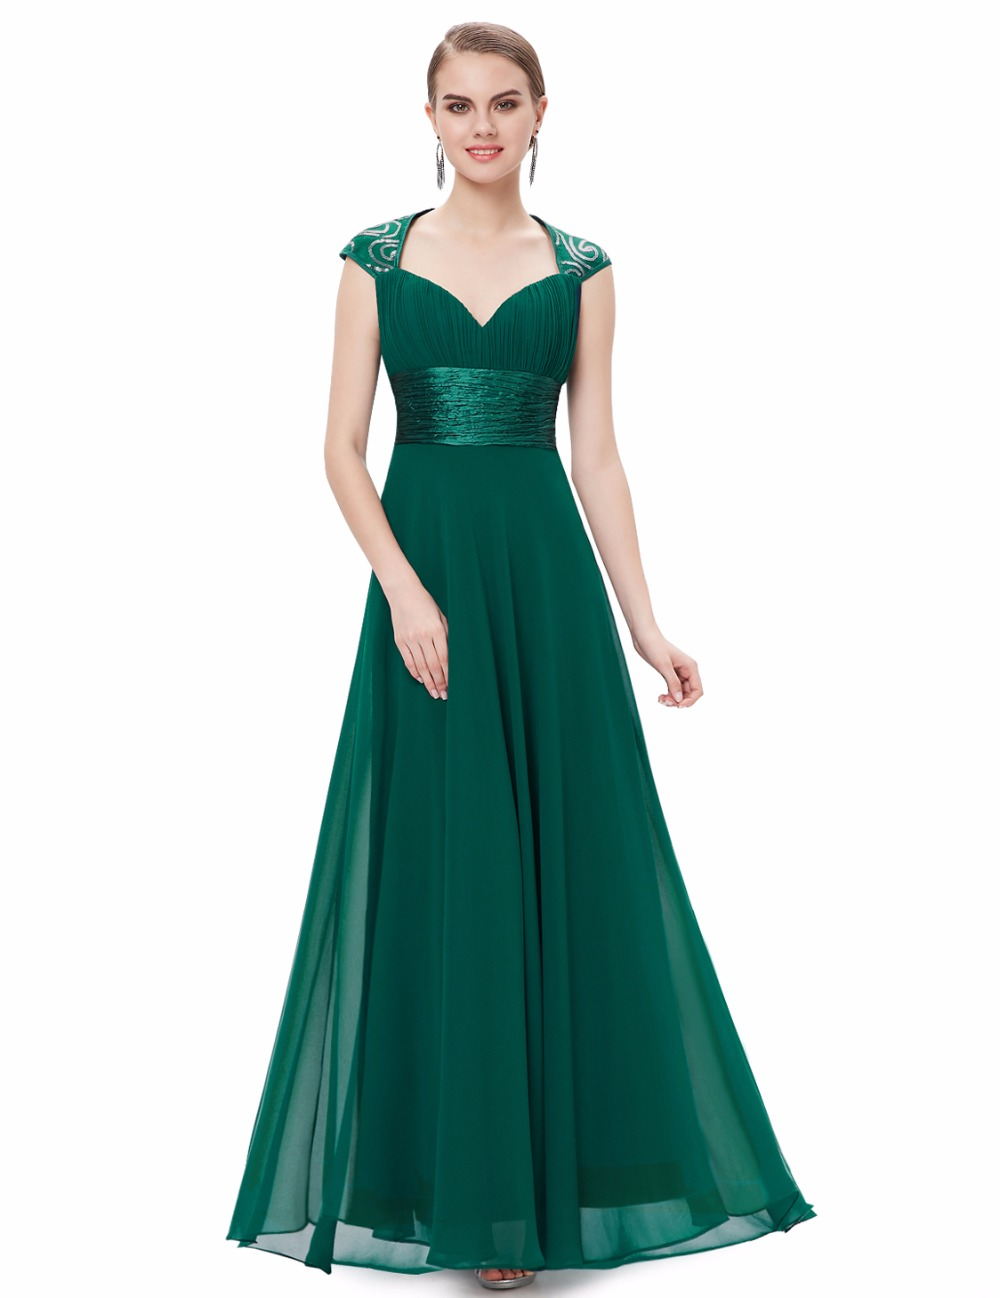 Kvalitné spol. šaty Ever Pretty - EU 34/36 - Obrázok č. 4